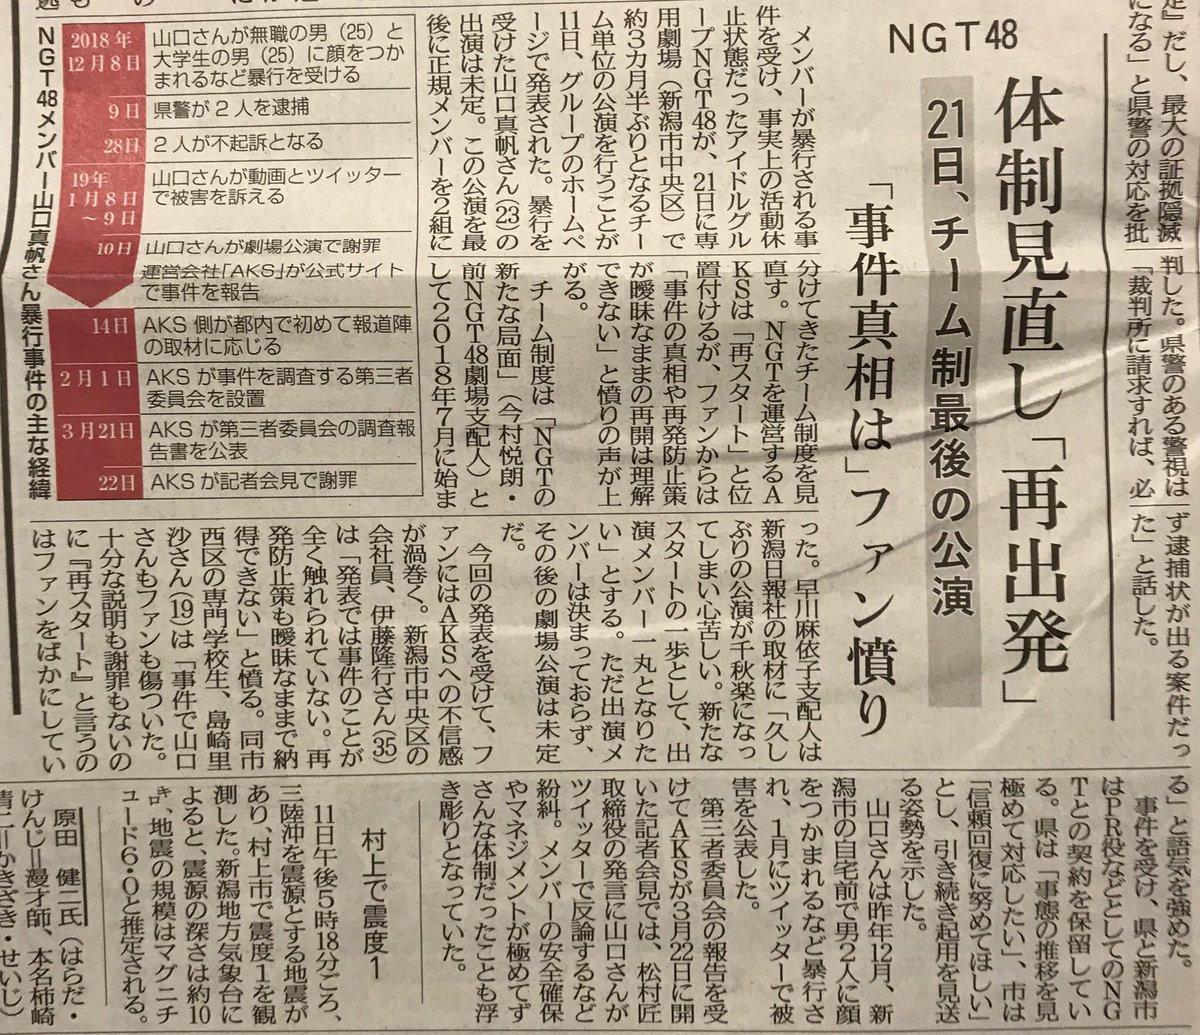 AKSのやり方に島崎さん激怒!「説明も謝罪もないのに『再スタート』と言うのはファンをばかにしている」